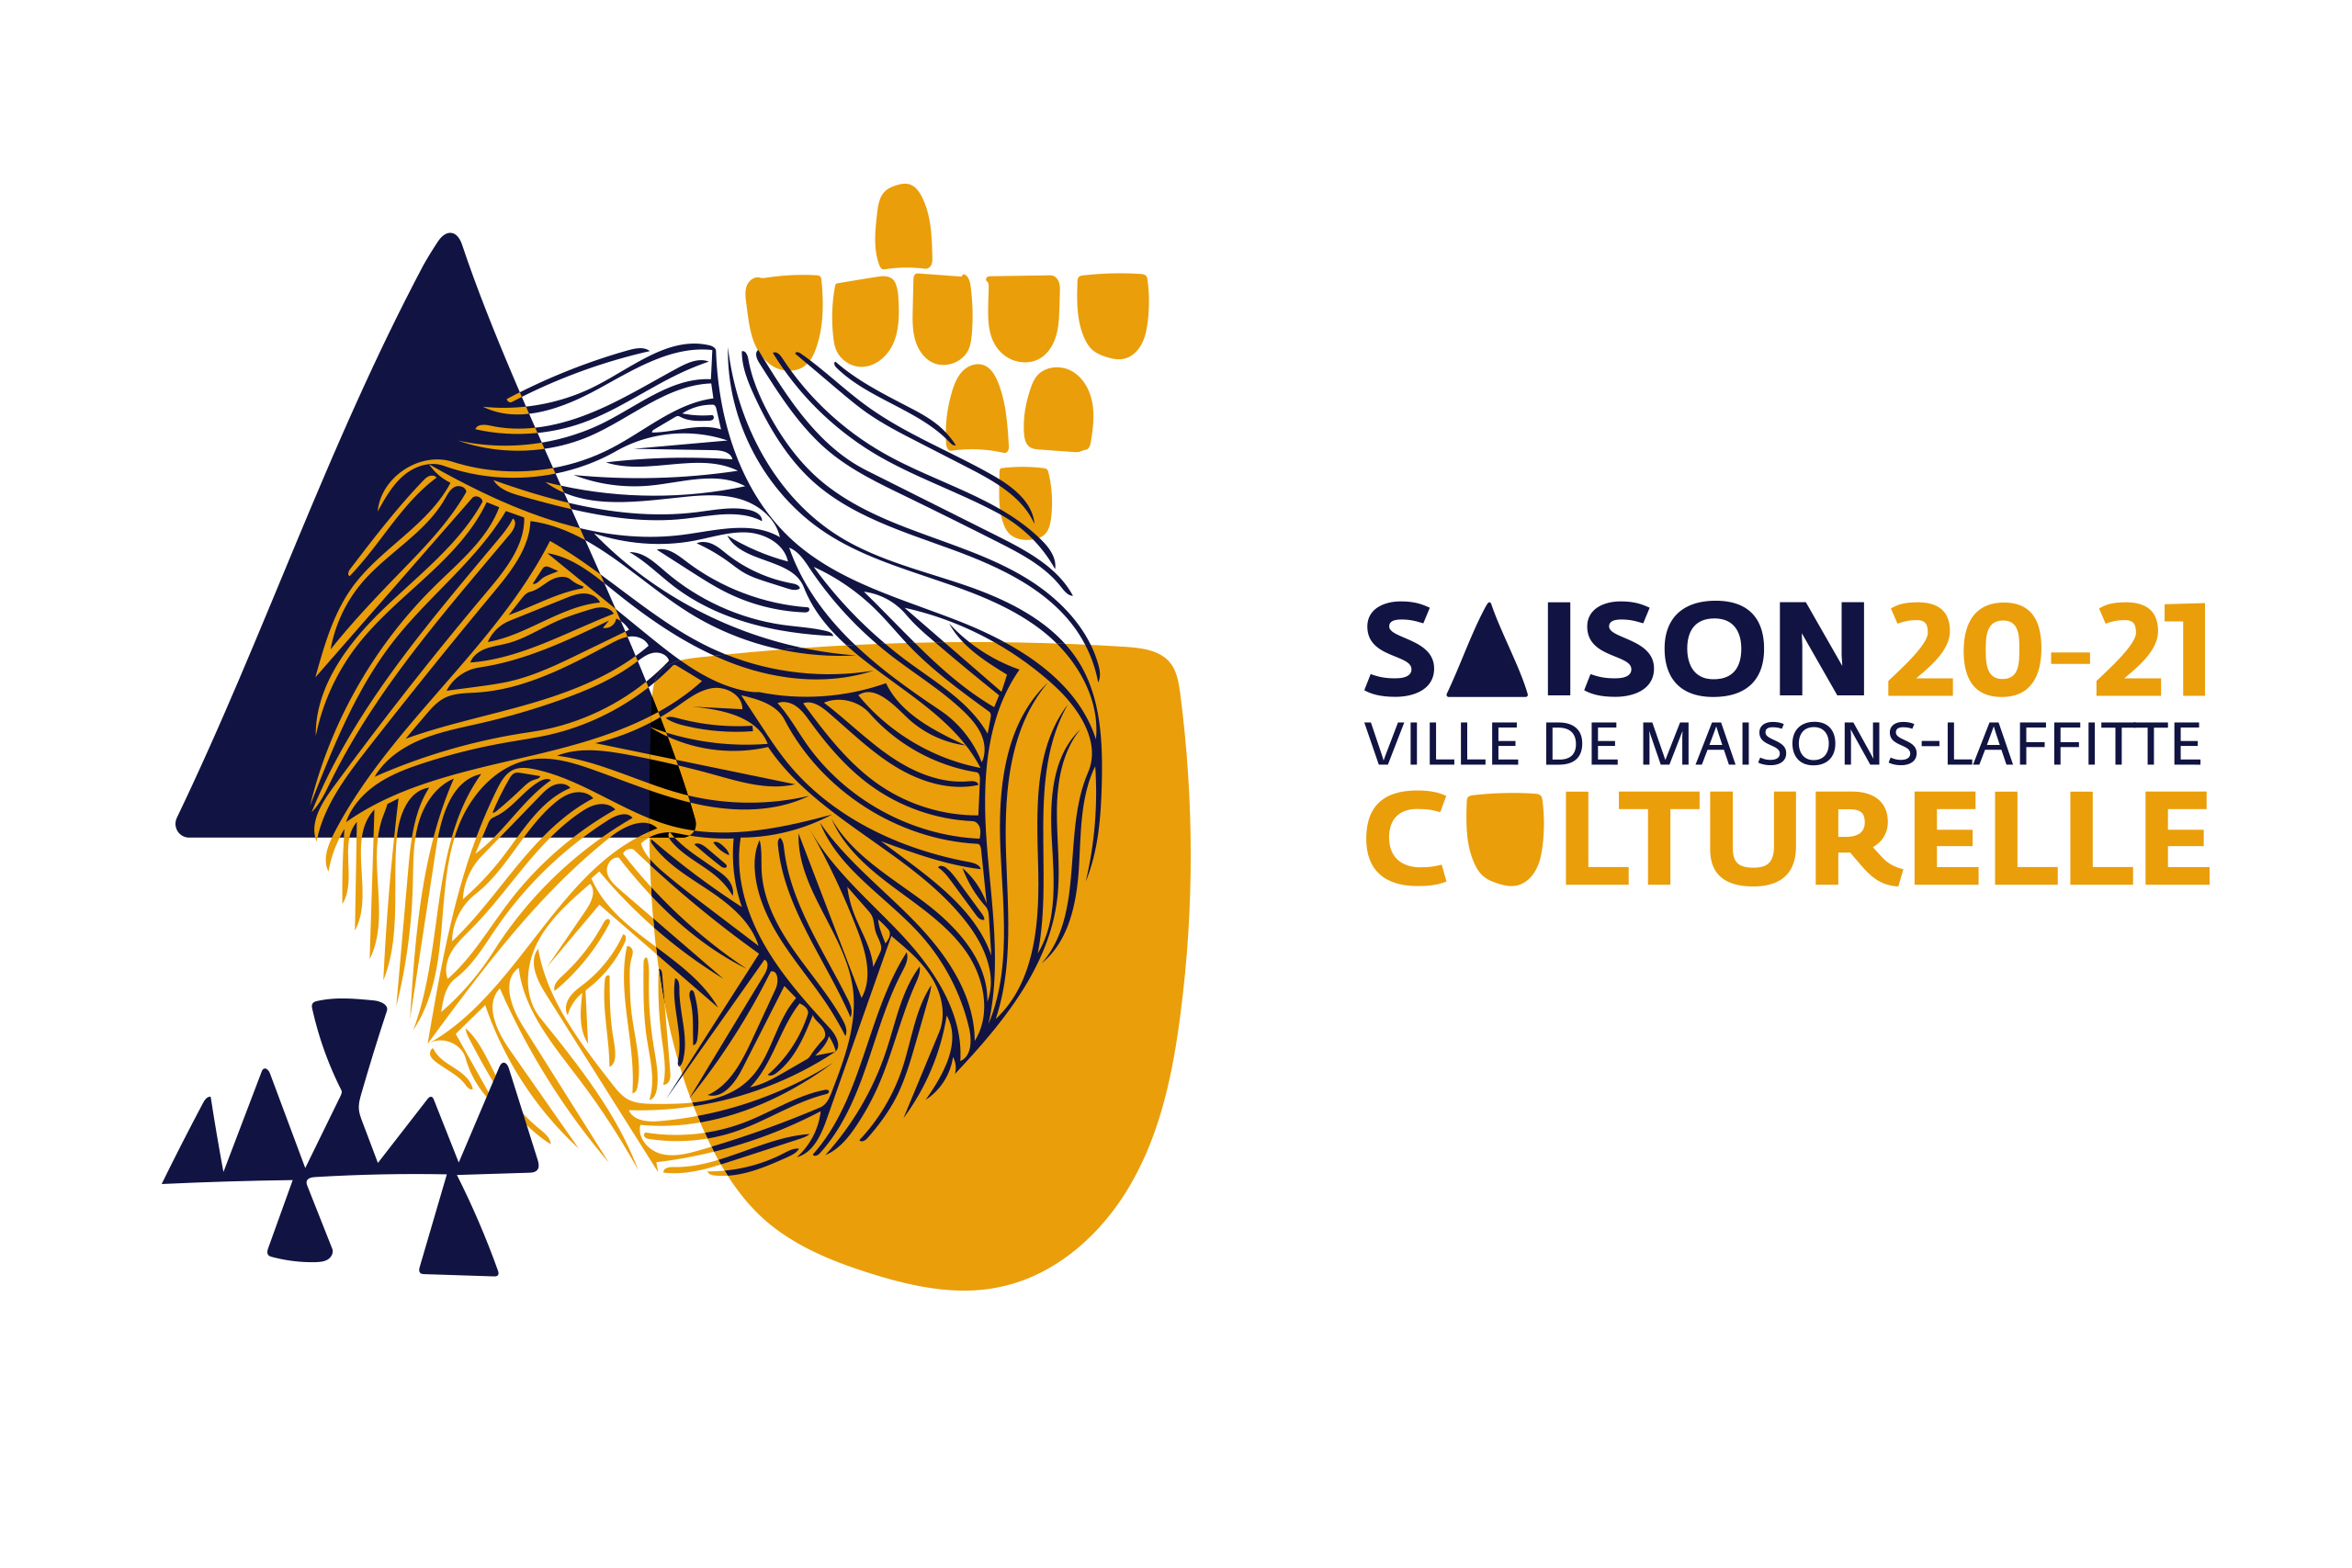 Saison culturelle 2020-2021 Maisons-Laffitte hero